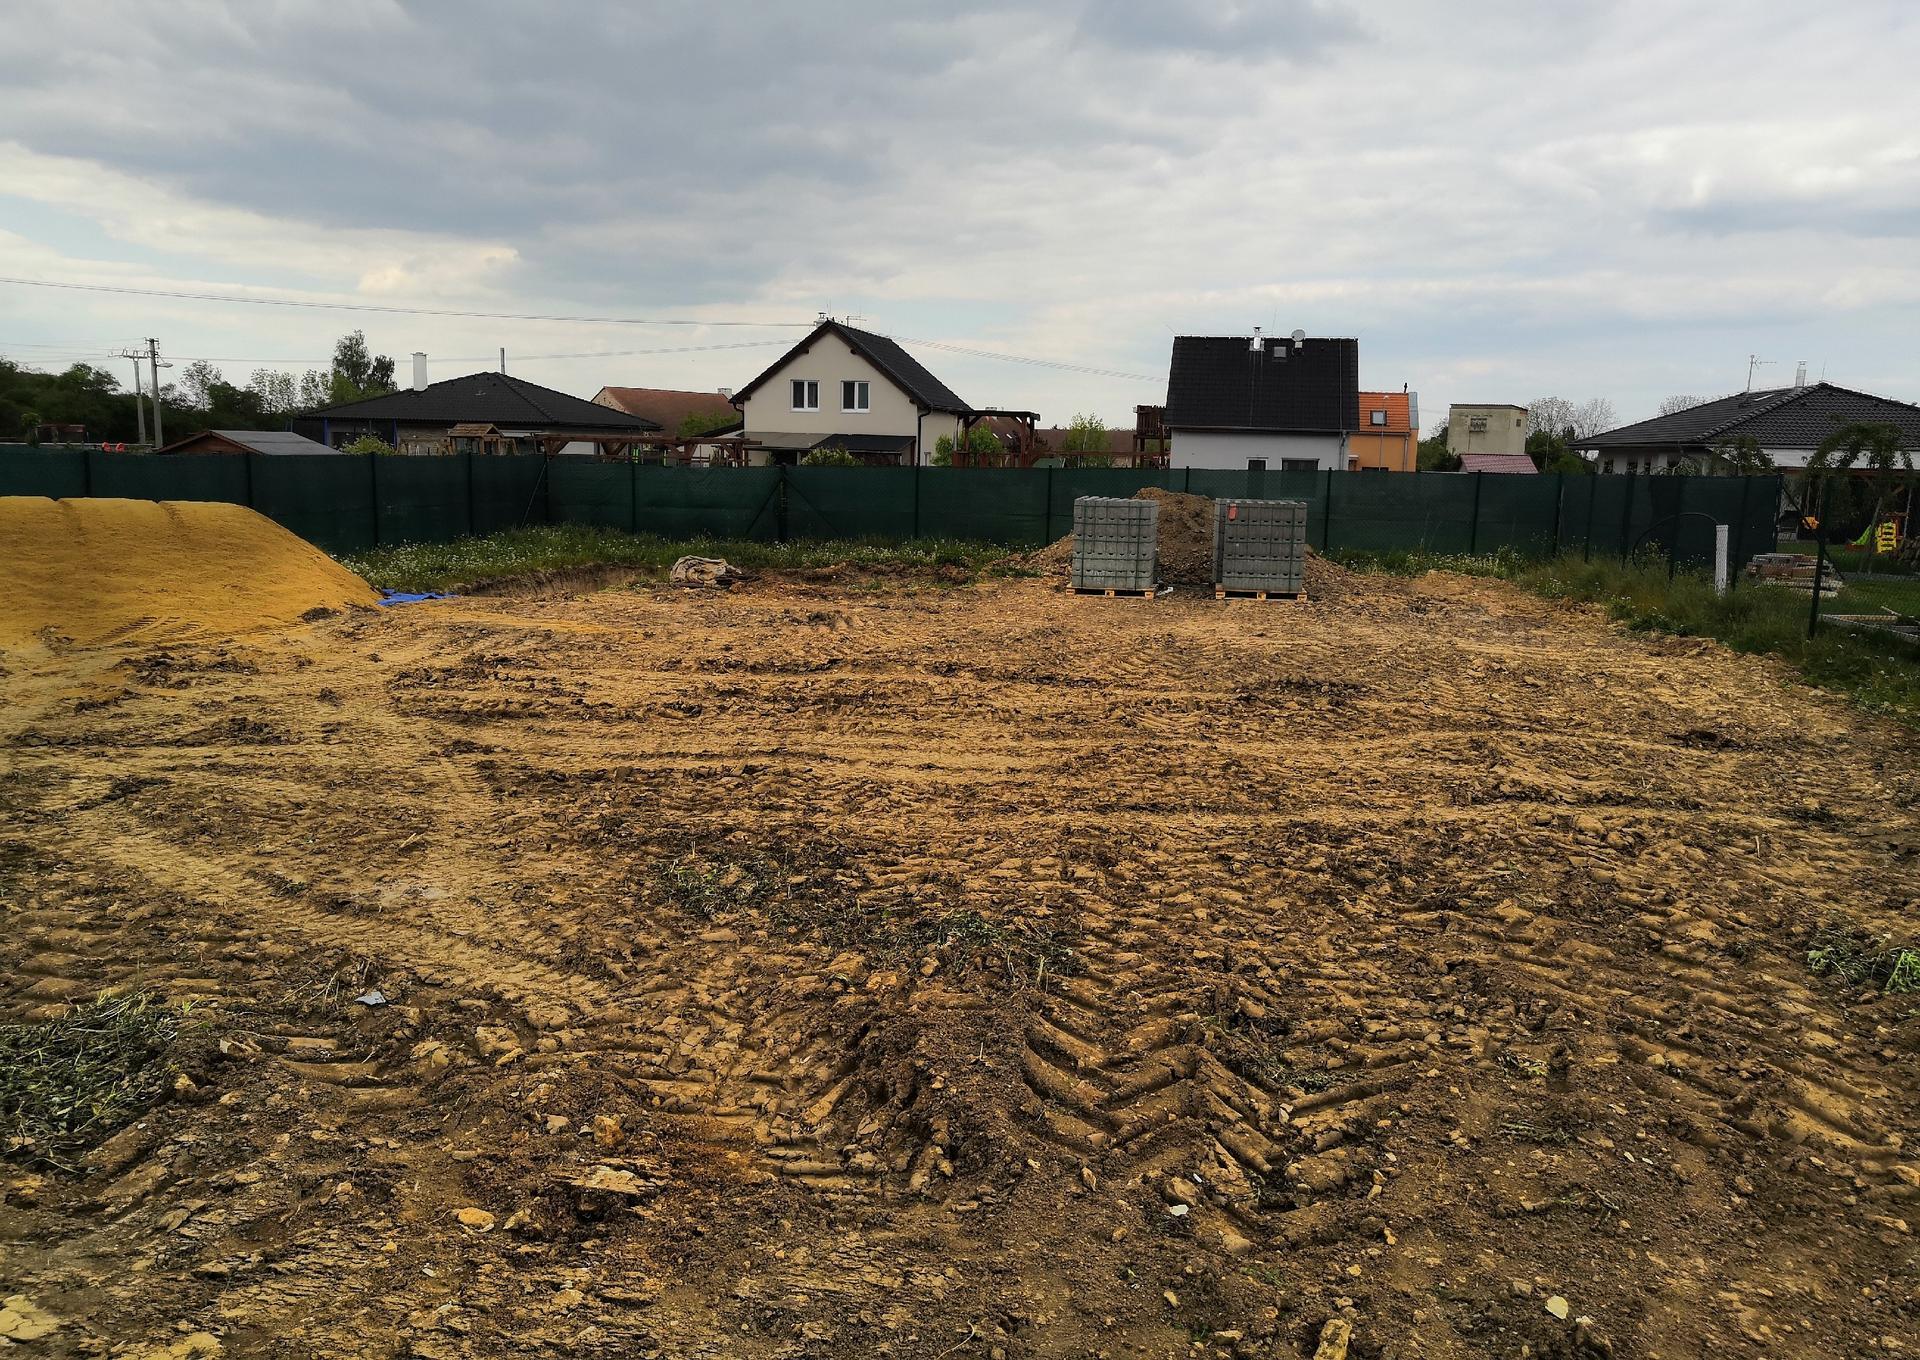 Zahrada na klíč - 15.5.2020 Velká tatra přivezla písek pro betonování bio bazénu a přípravy uvnitř díry můžou začít.